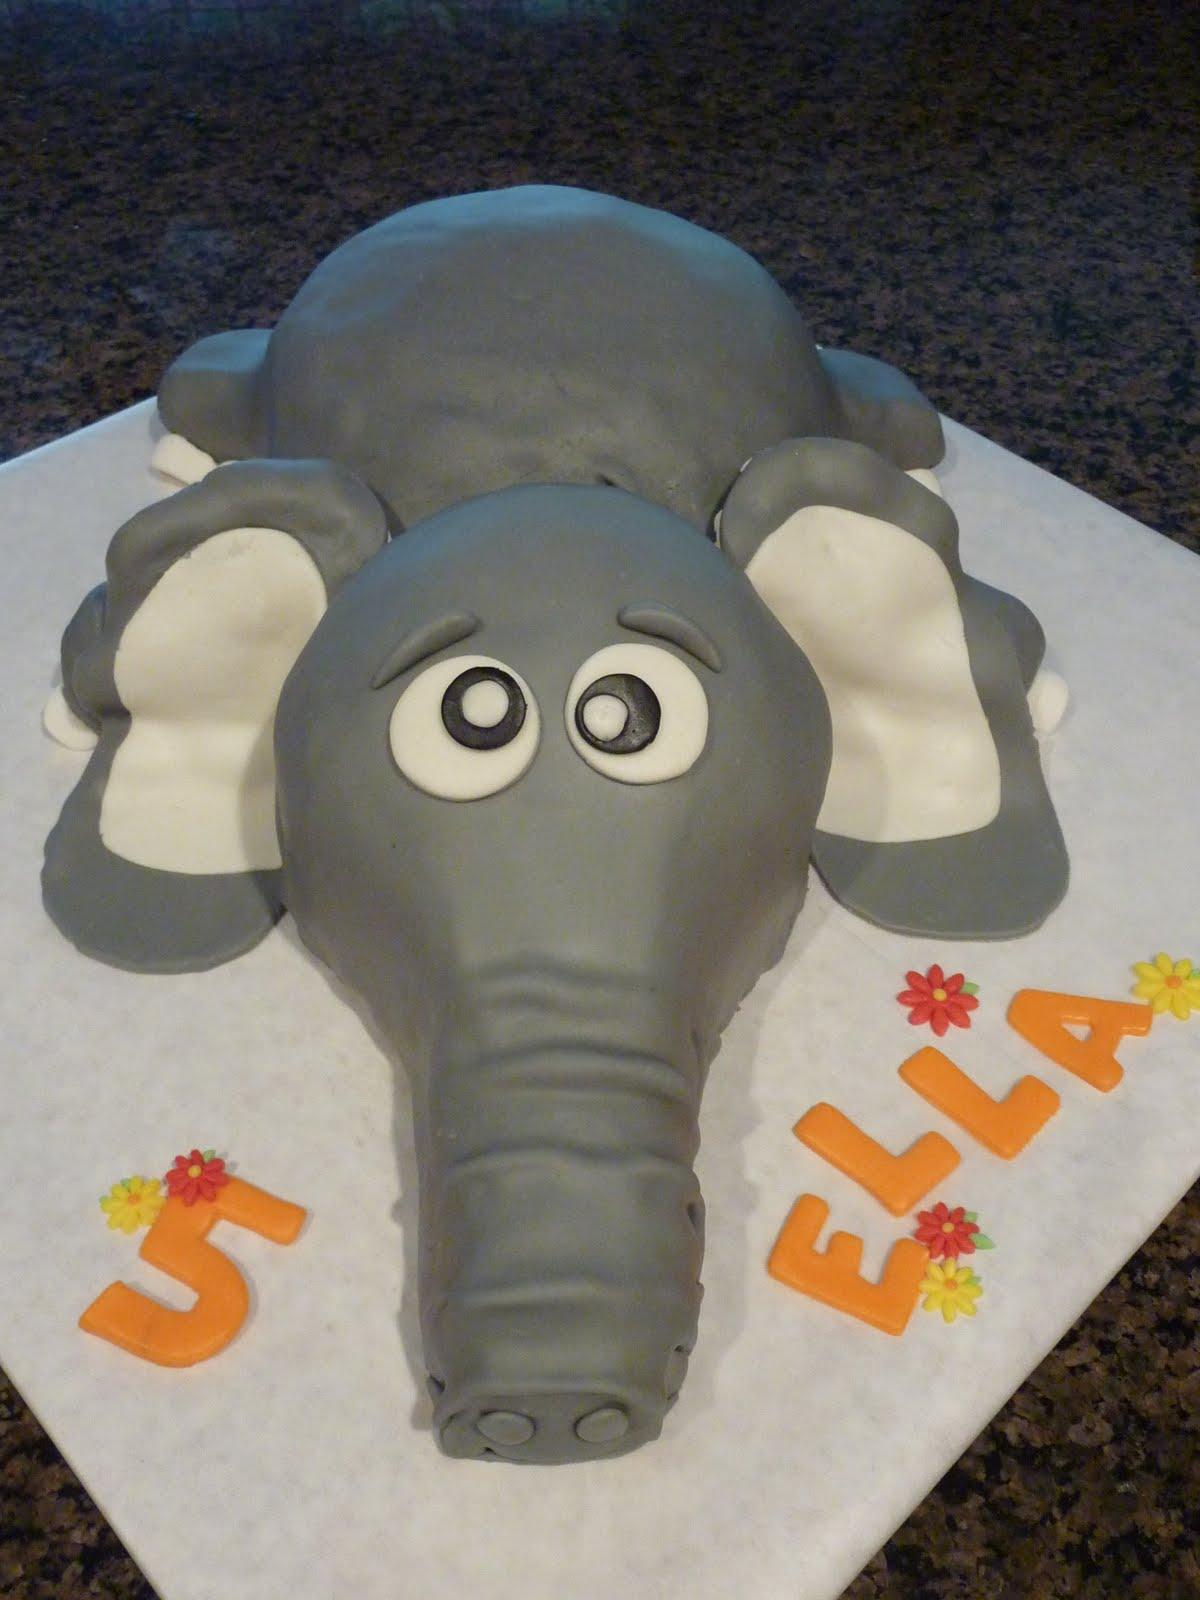 Images Of Elephant Cake : Sarah Bakes: Elephant Cake